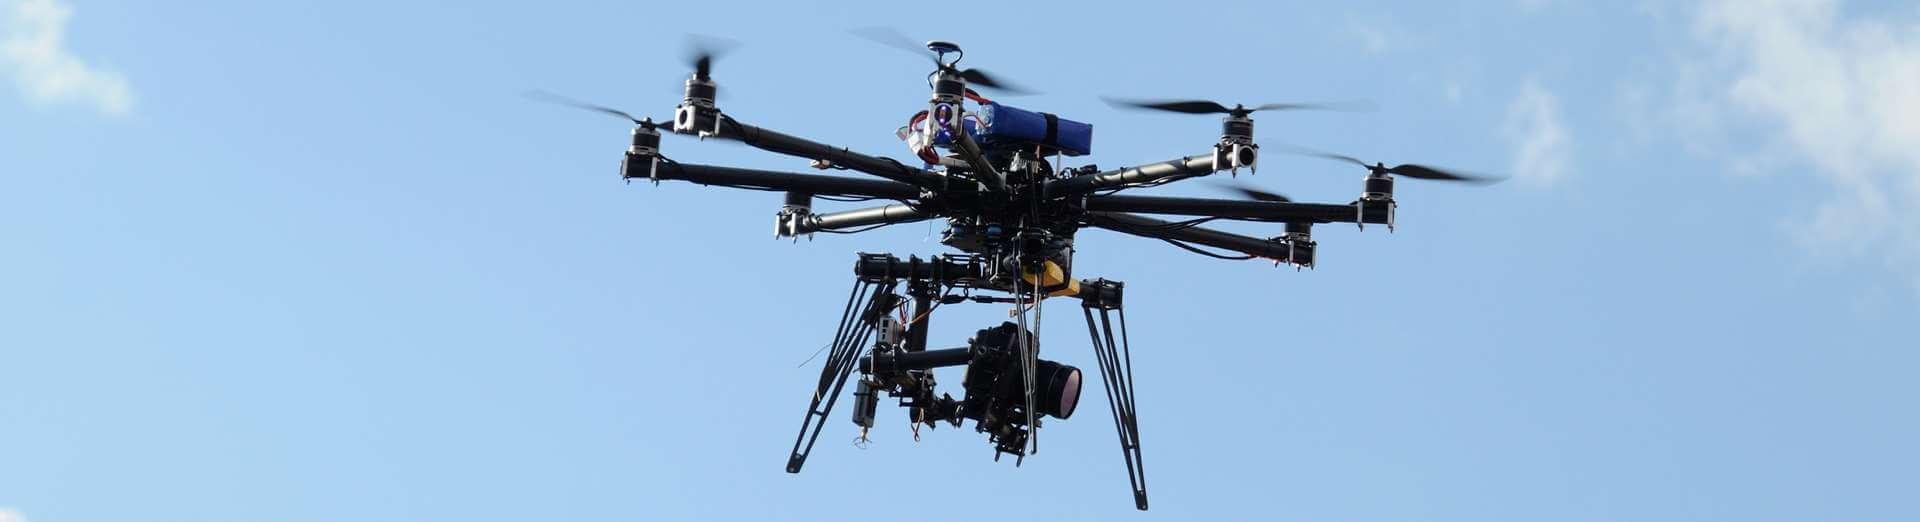 octacopter drohne multicopter kaufen quadrocopter ratgeber. Black Bedroom Furniture Sets. Home Design Ideas